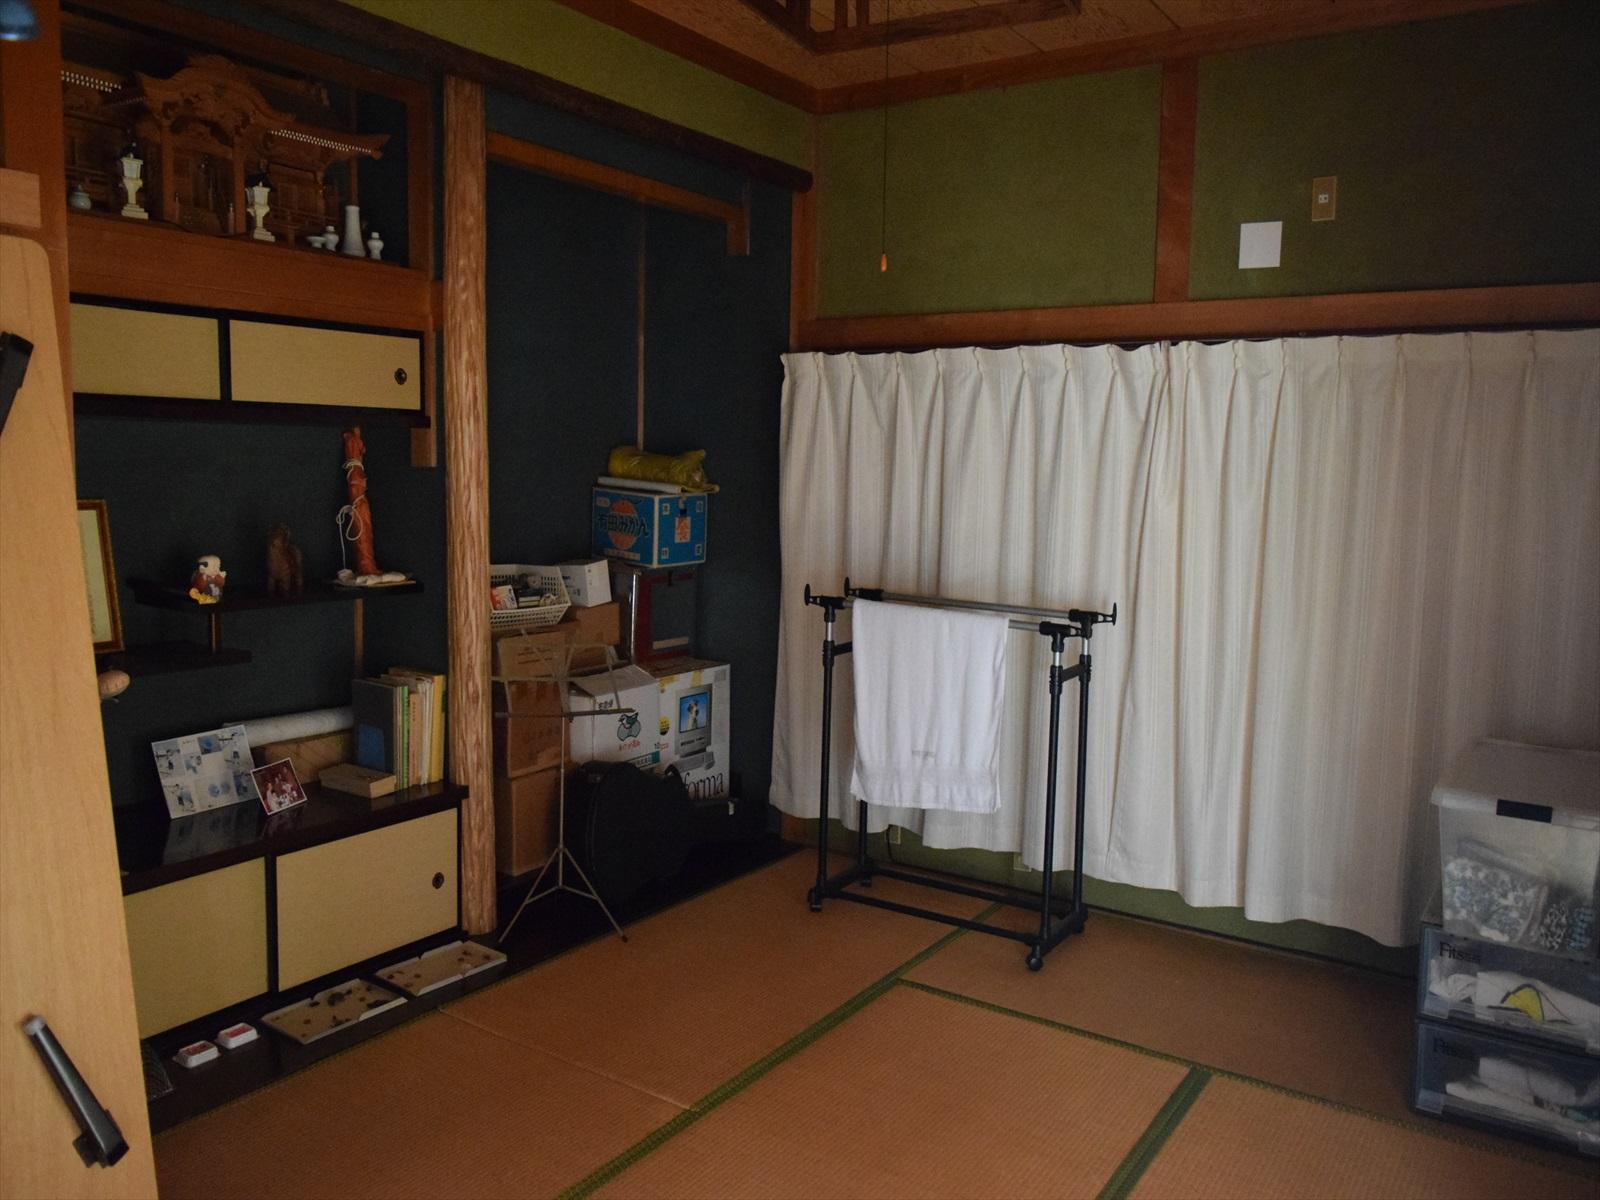 室戸岬町 売却物件(B14)